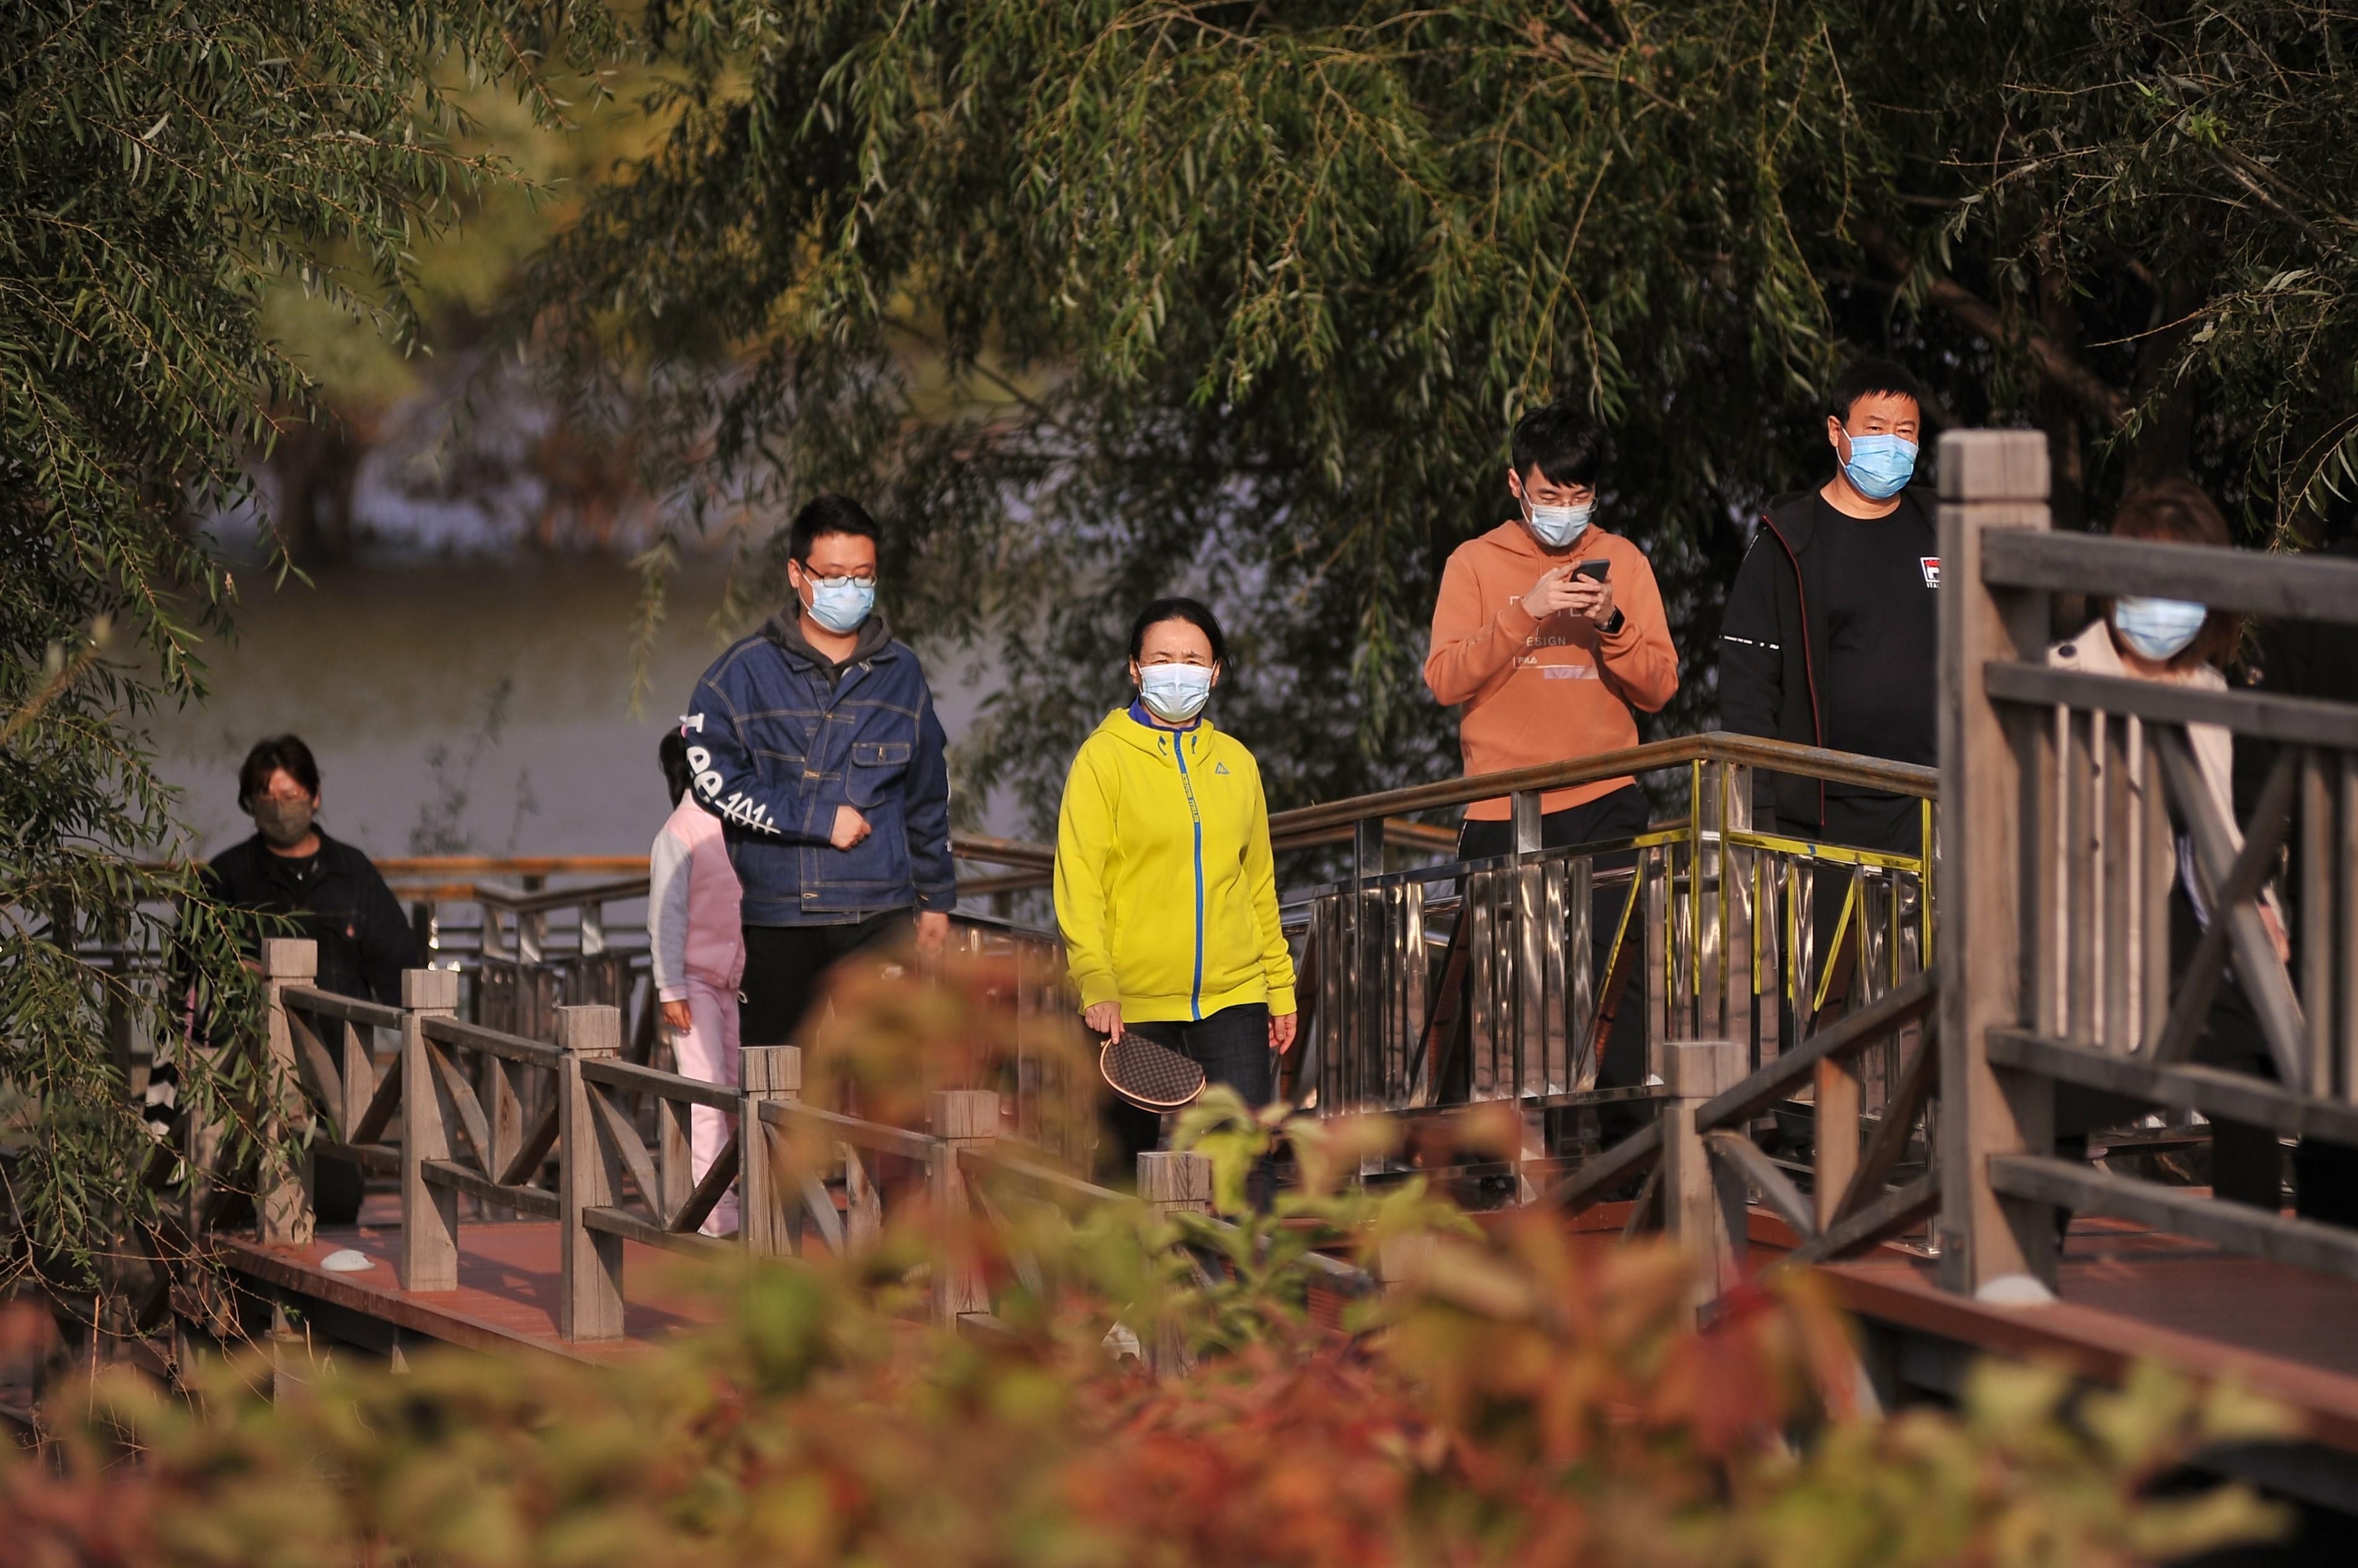 市民们在游览湿地